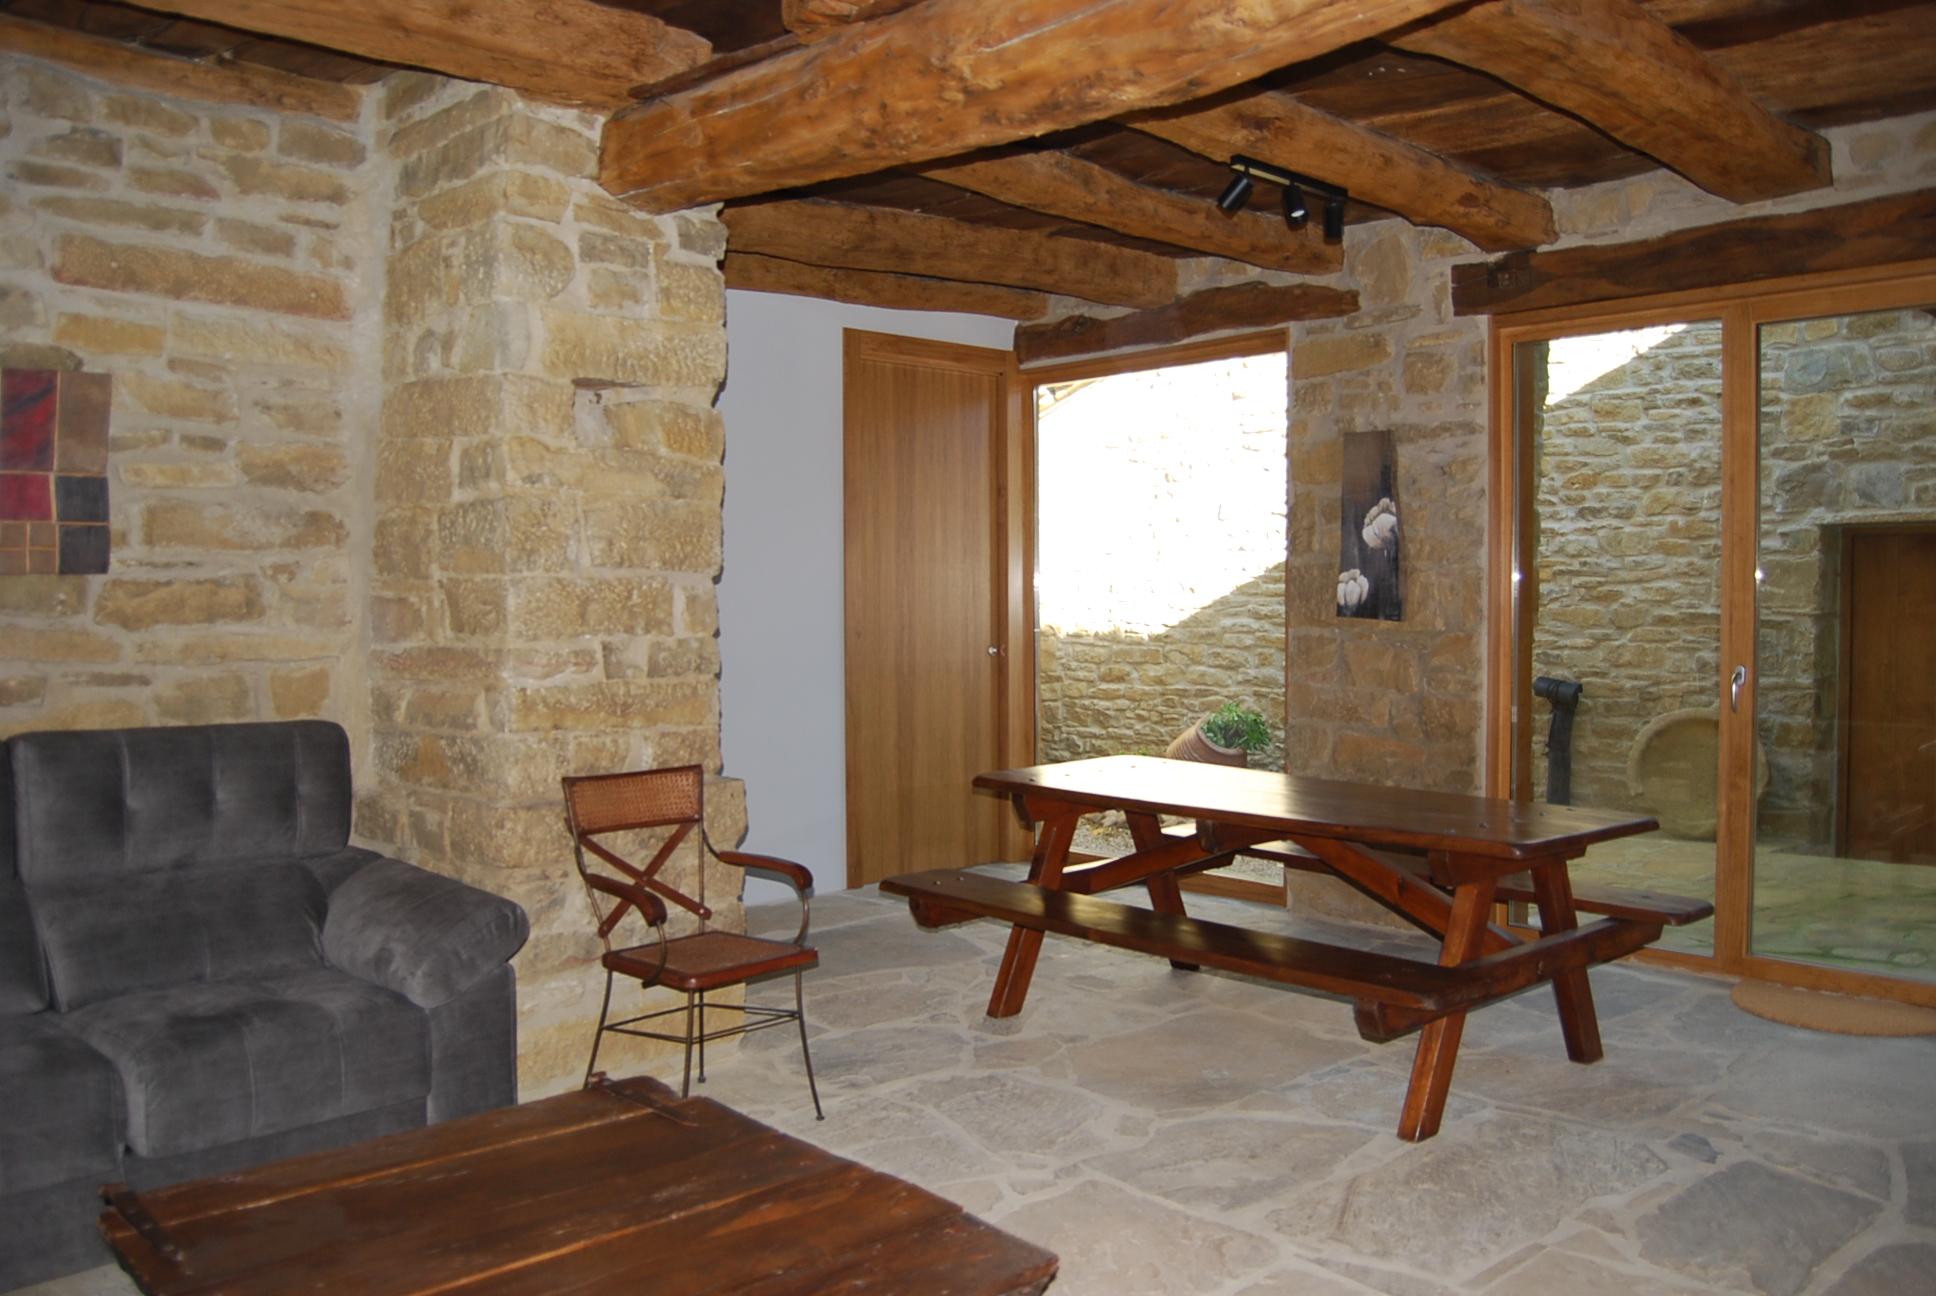 Interiores - Casa Rural Harri Etxea